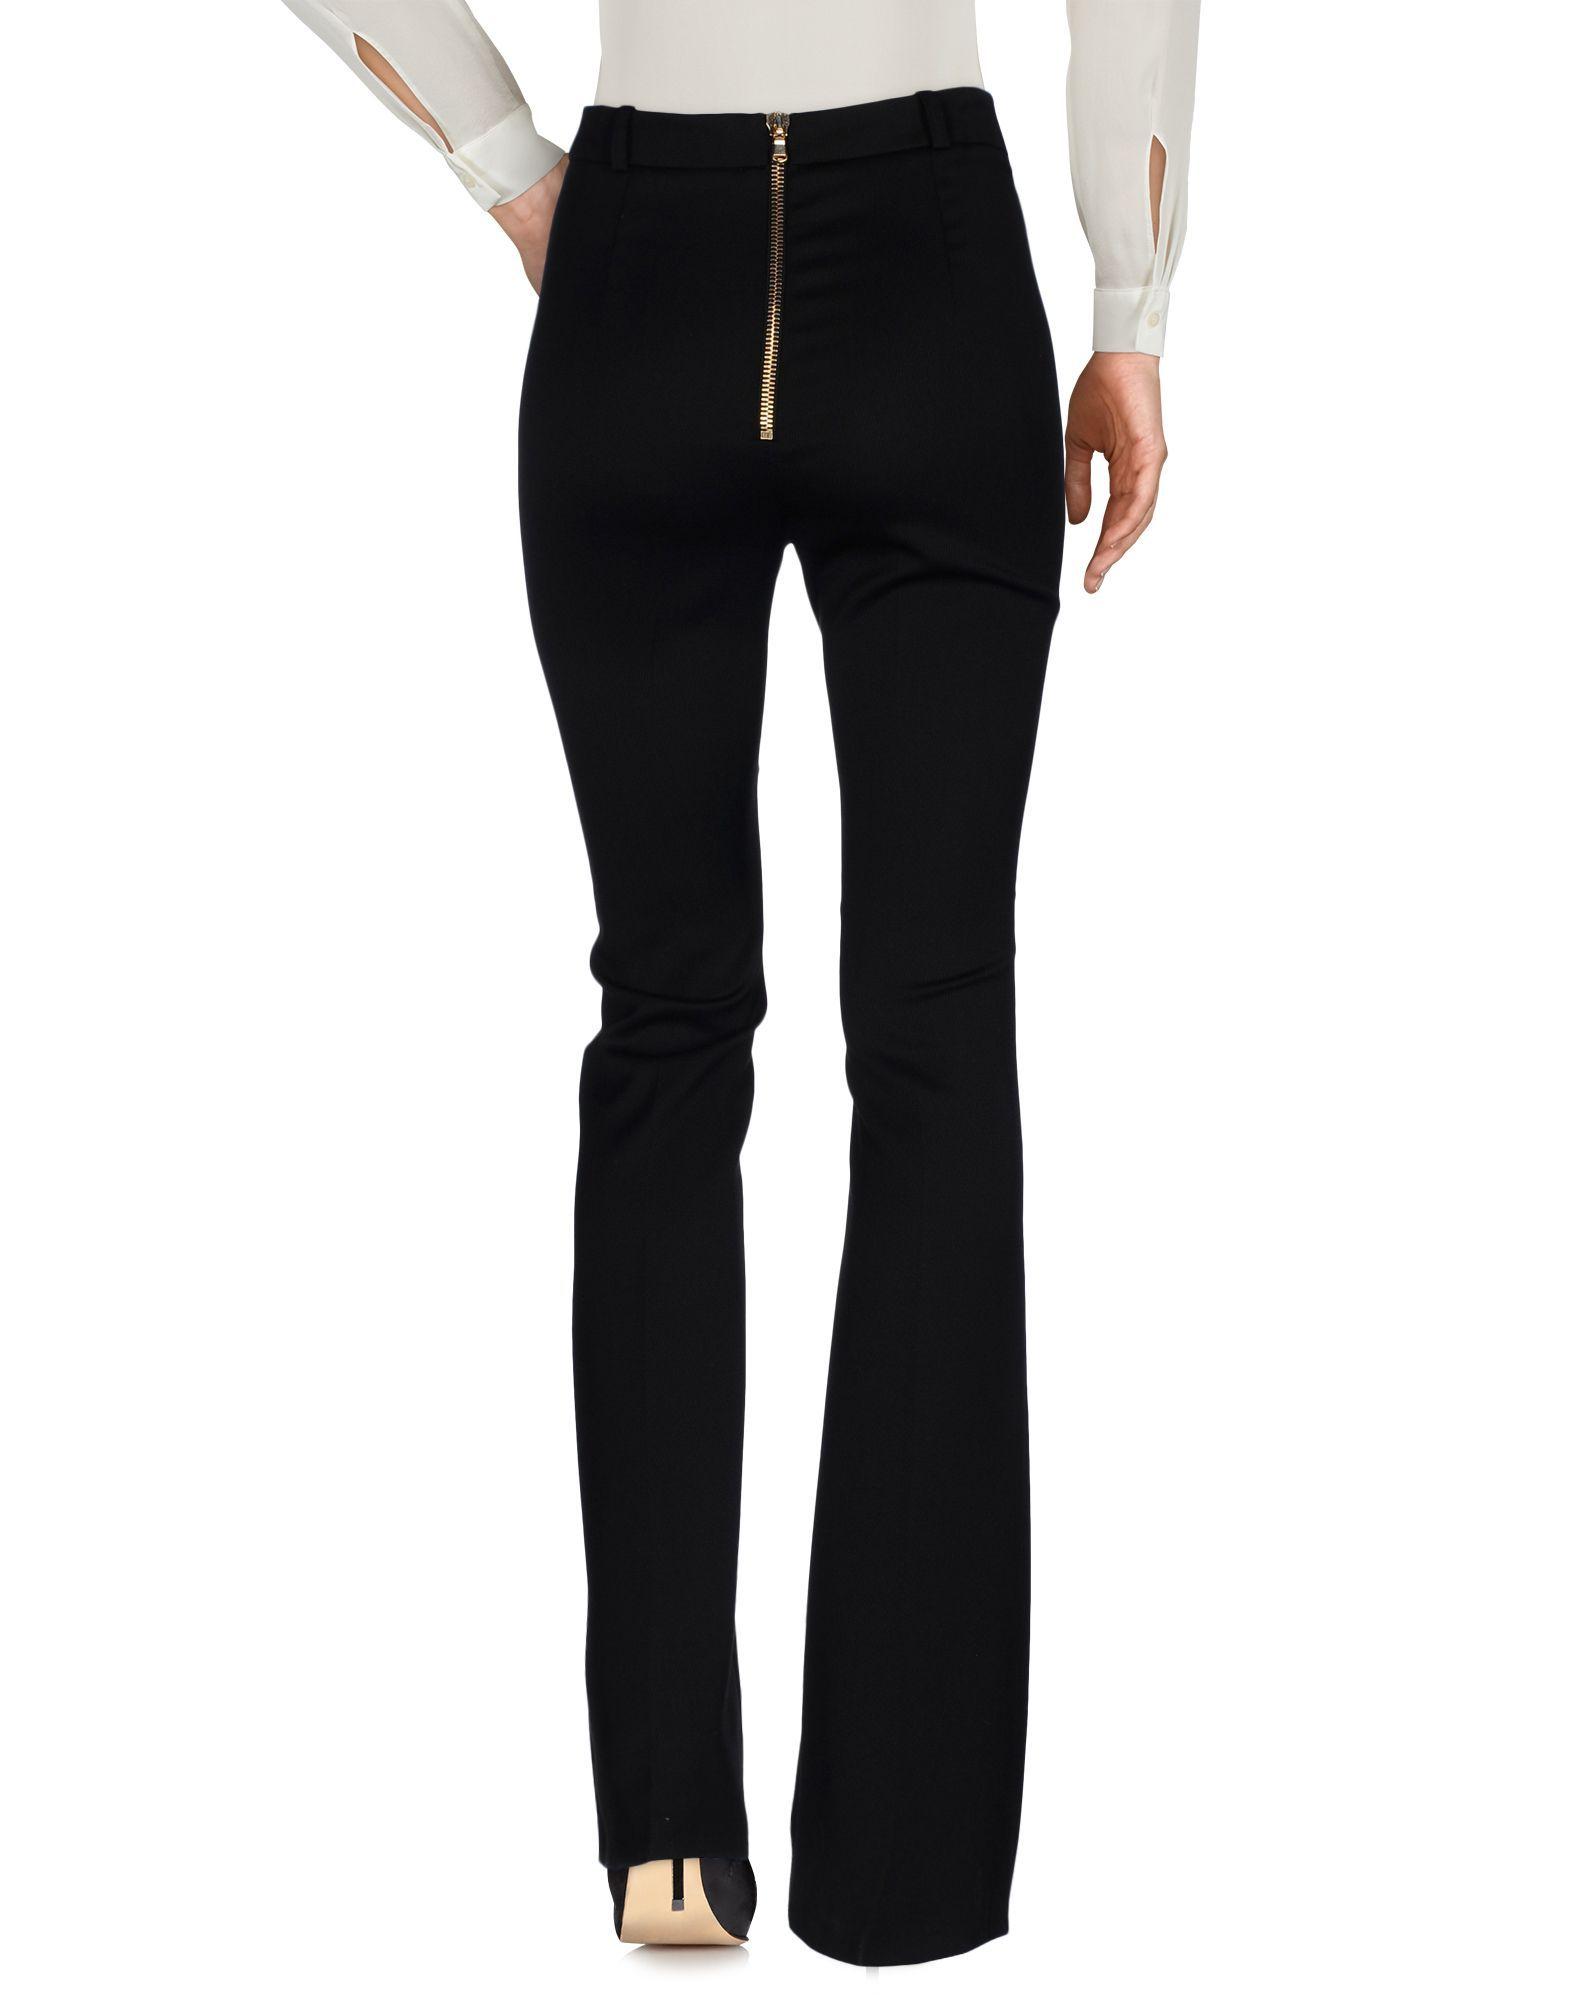 Pierre Balmain Black Jeans